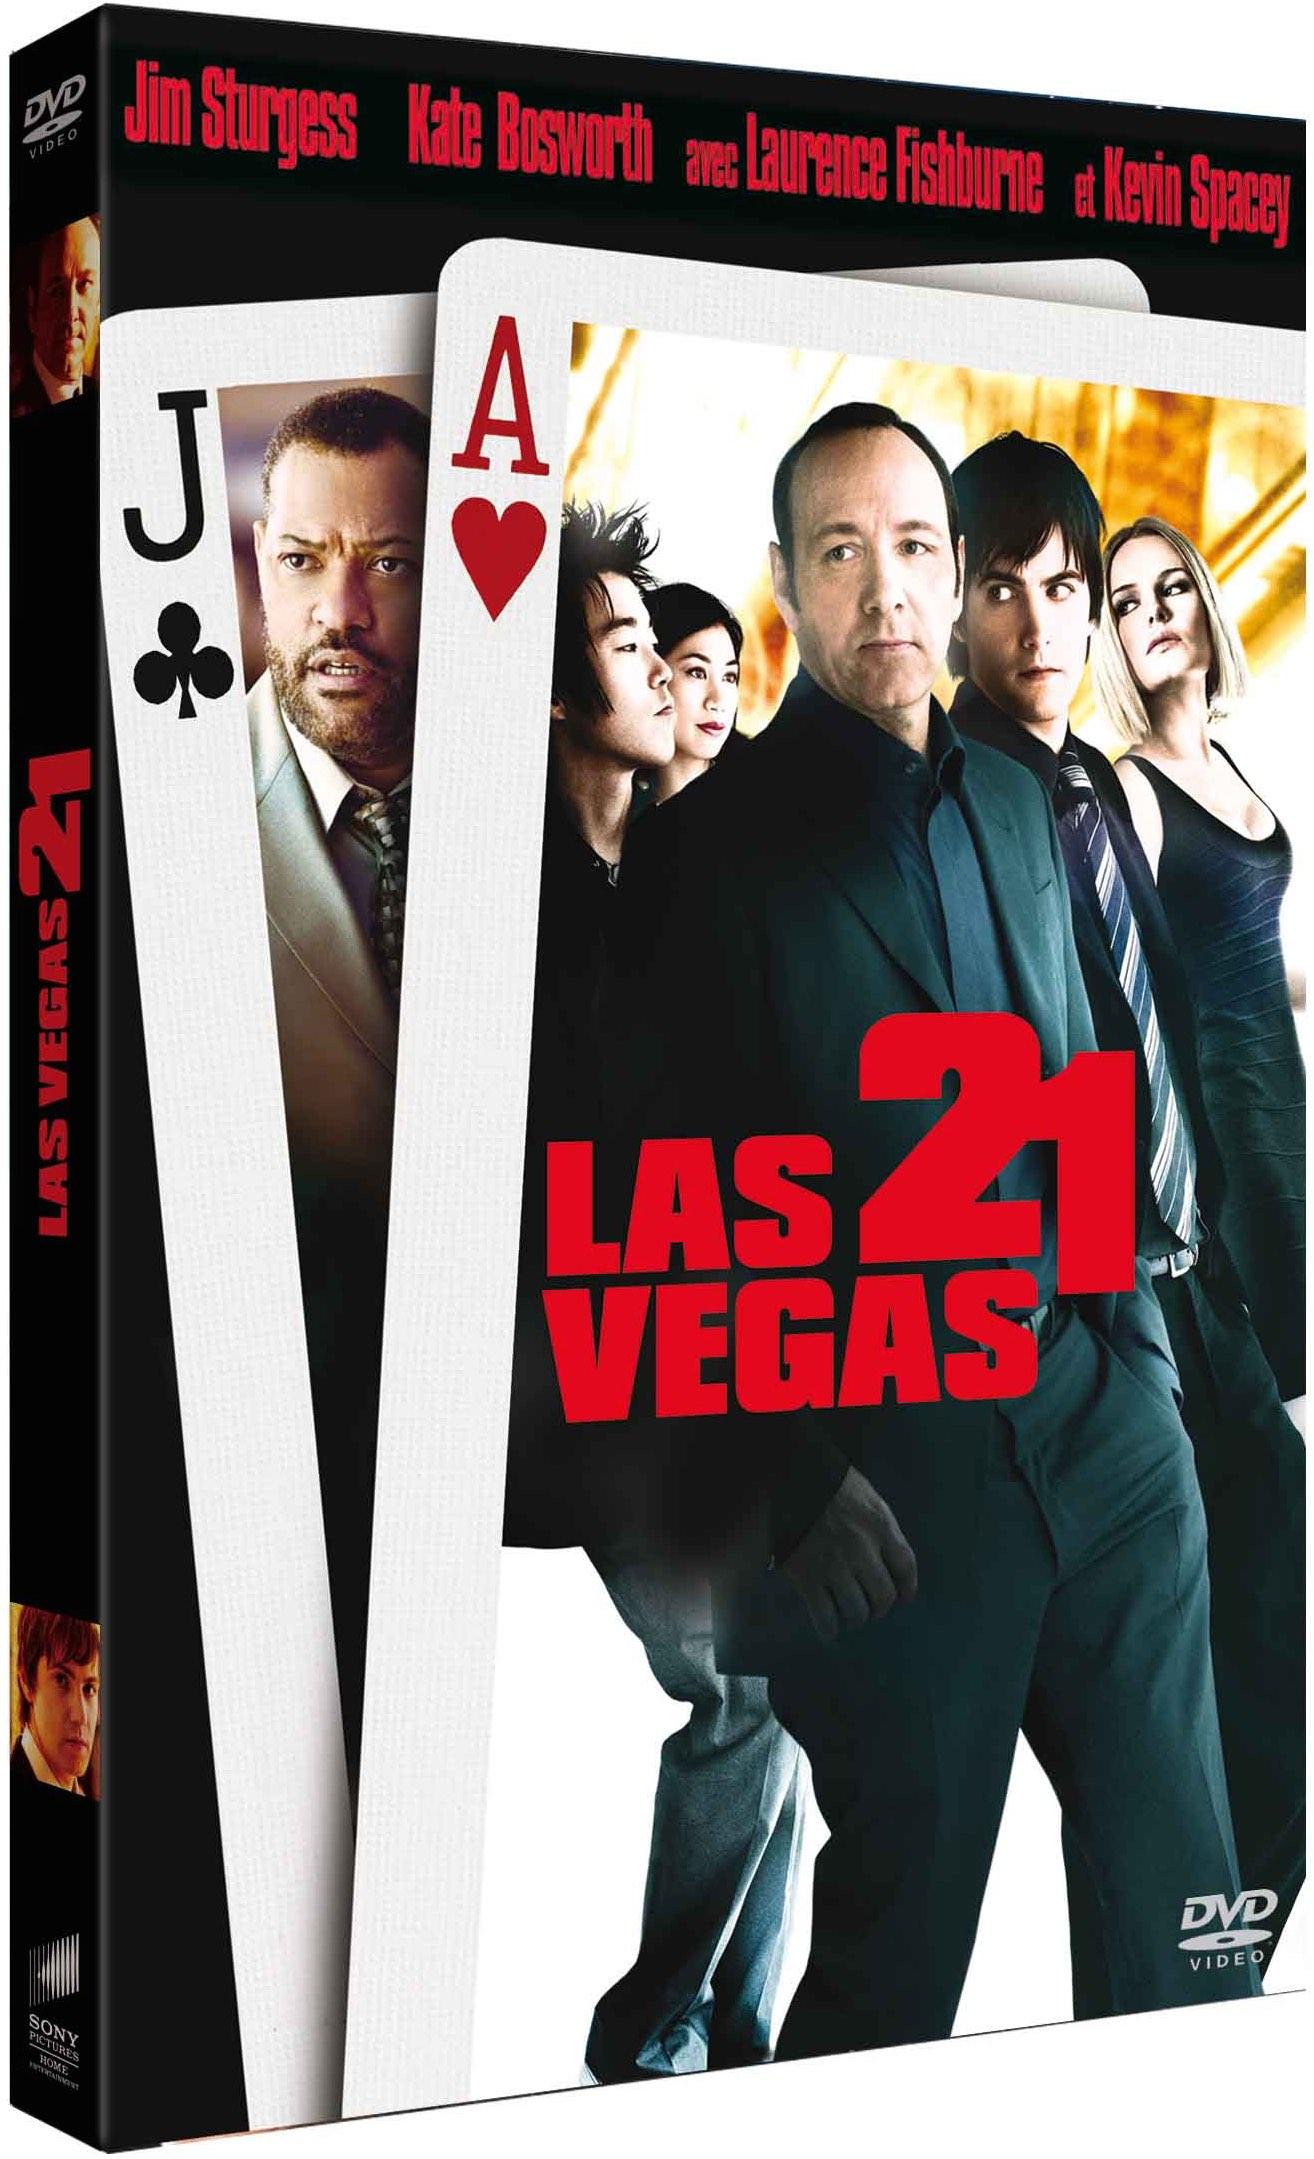 Las Vegas 21 |